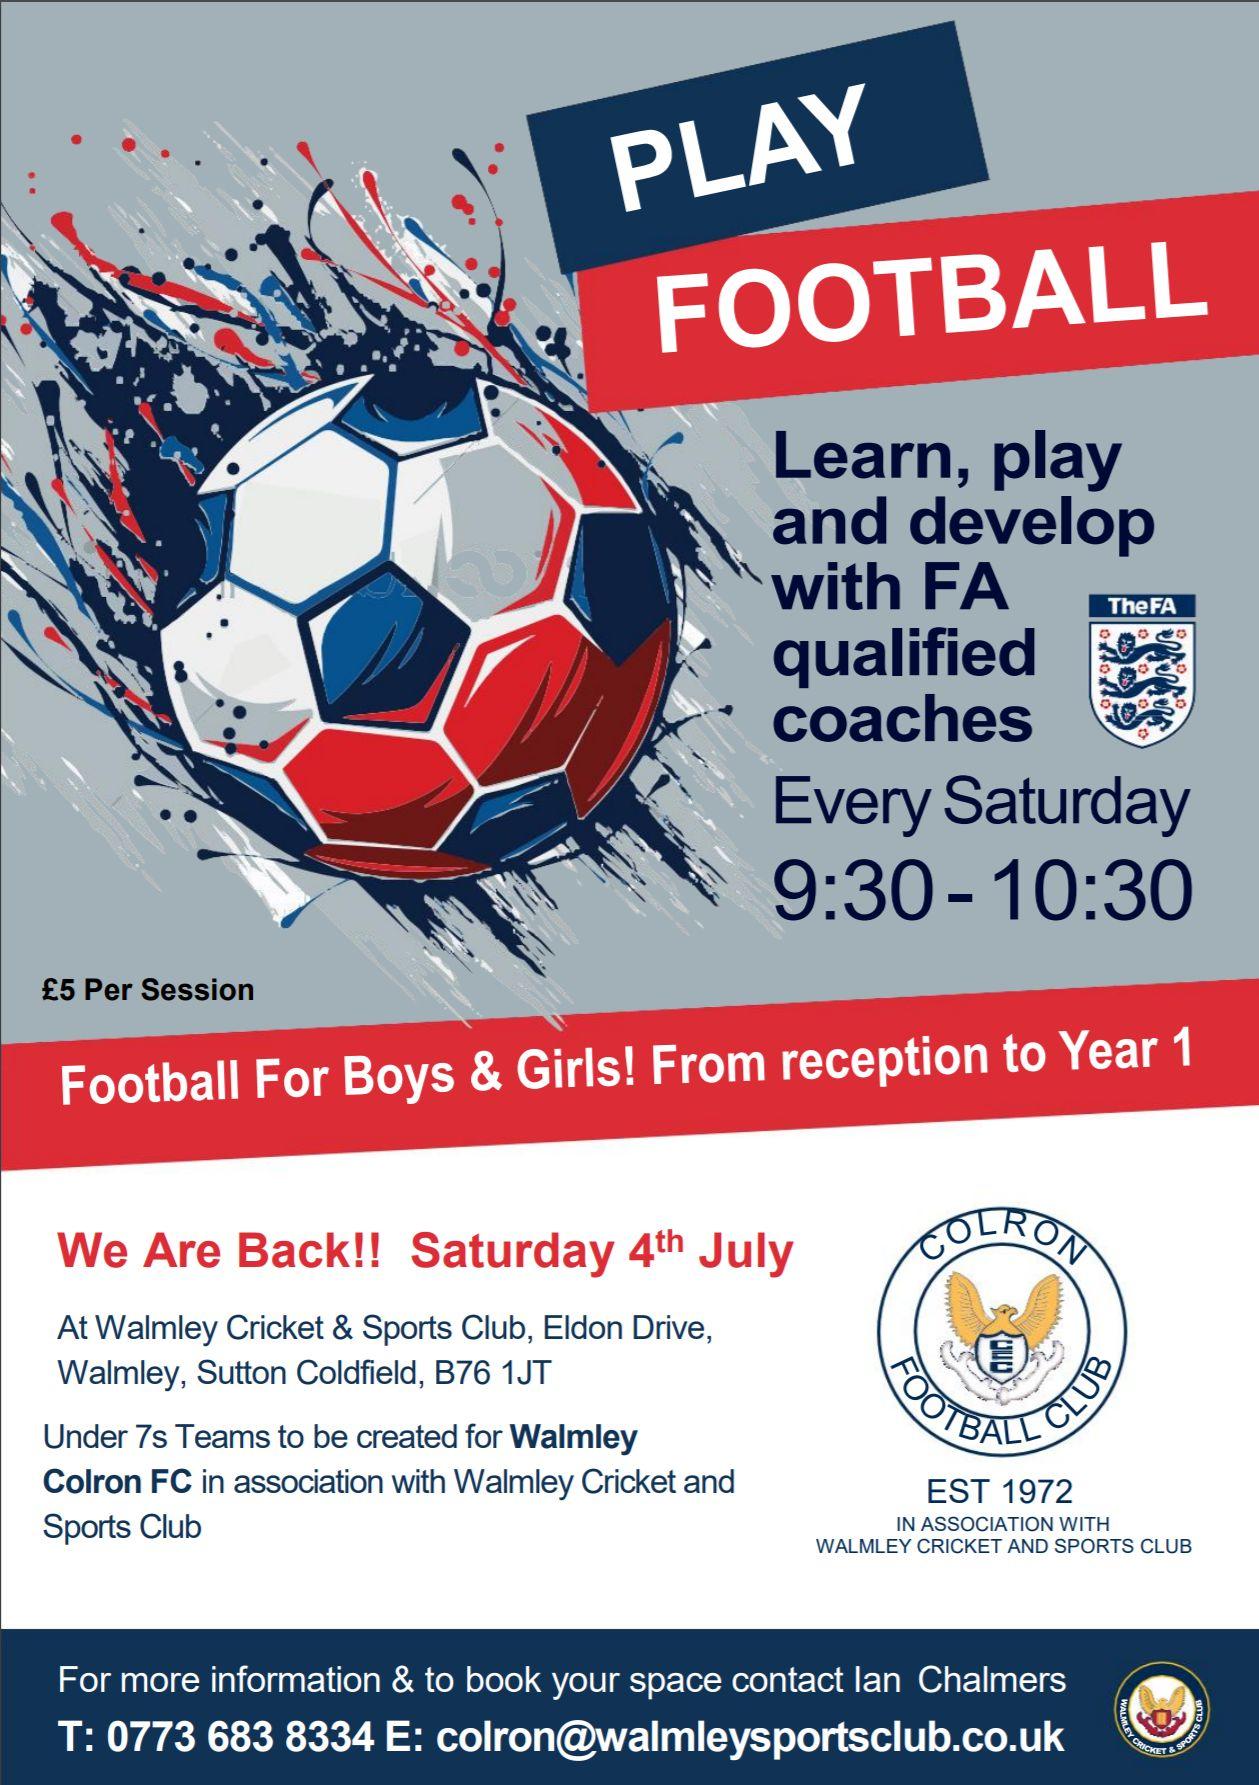 Football School Restarting in July!